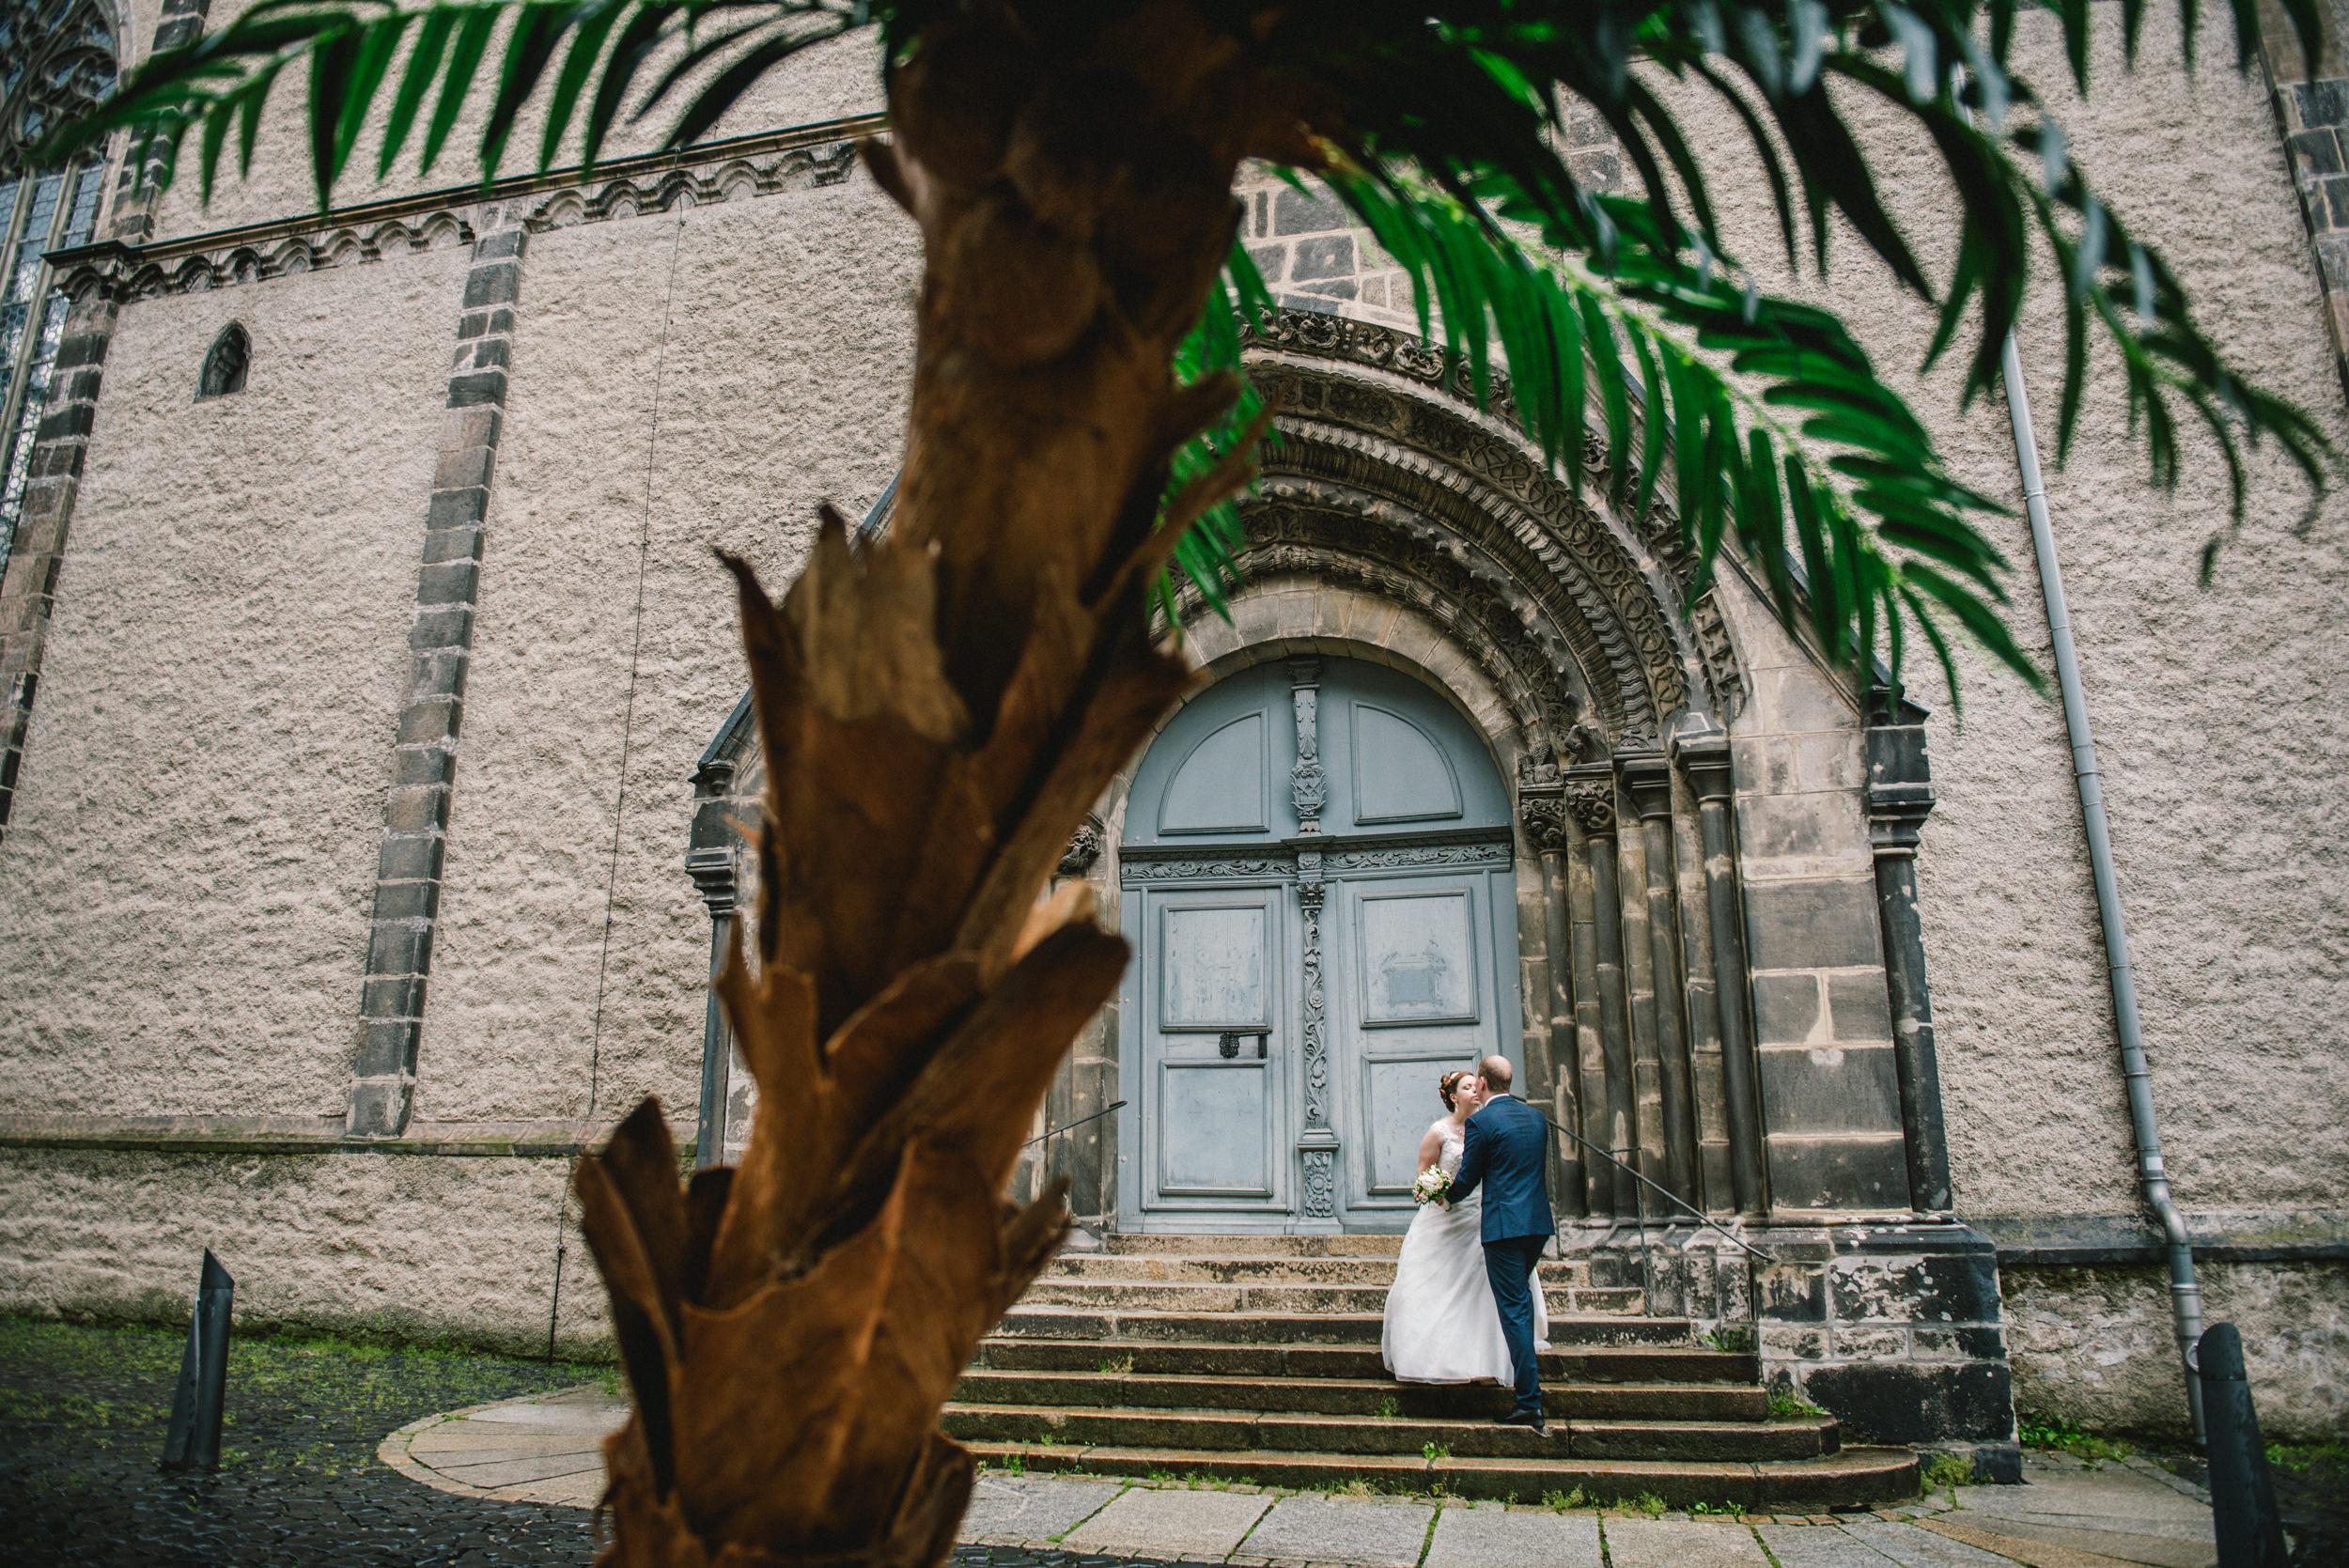 Paul_Glaser_Hochzeitsfotograf-29